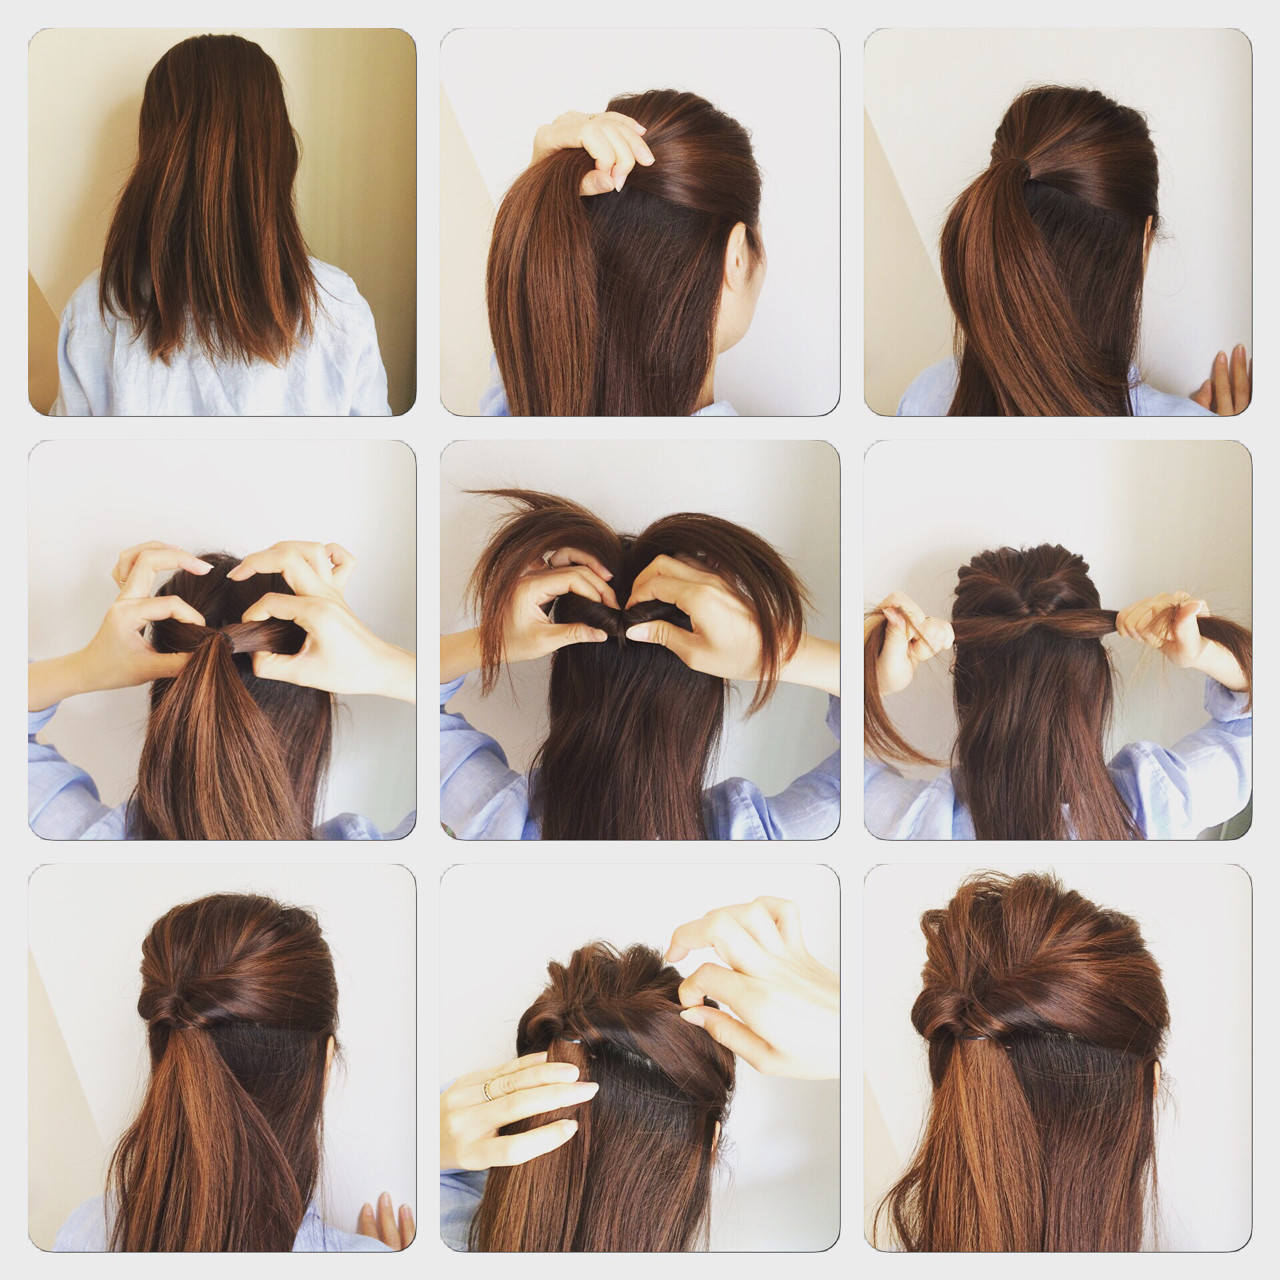 ポニーテール ヘアアレンジ 簡単ヘアアレンジ ショート ヘアスタイルや髪型の写真・画像